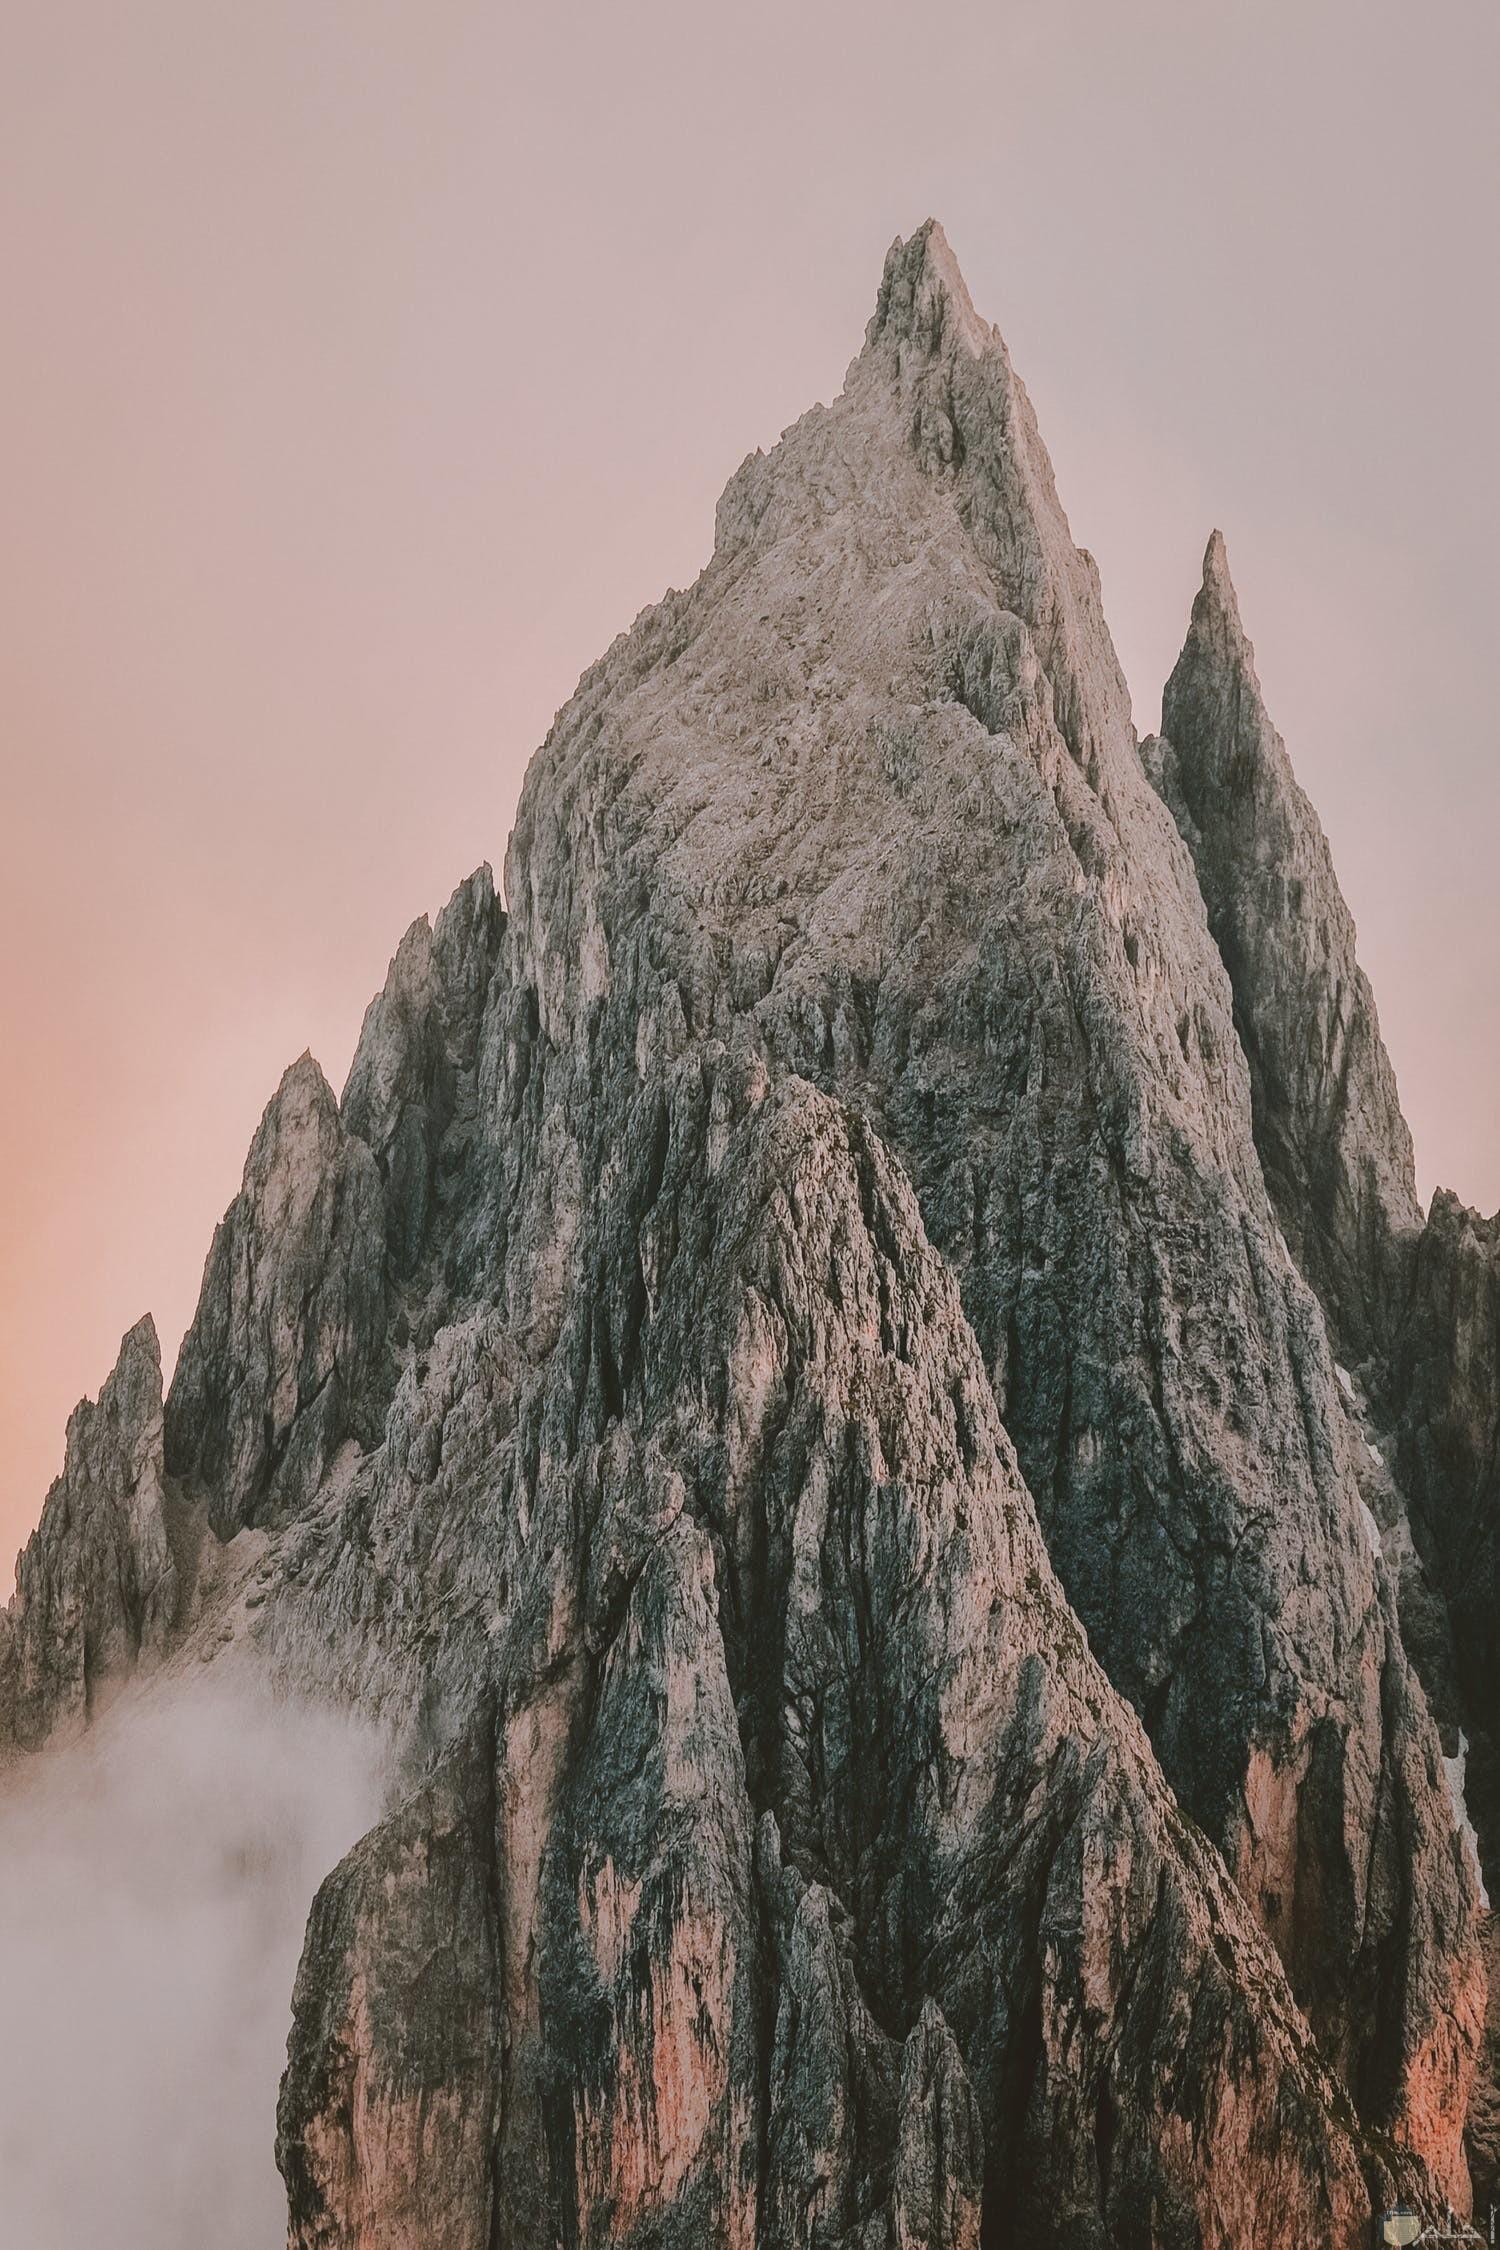 صوره طبيعيه لجبل عالي